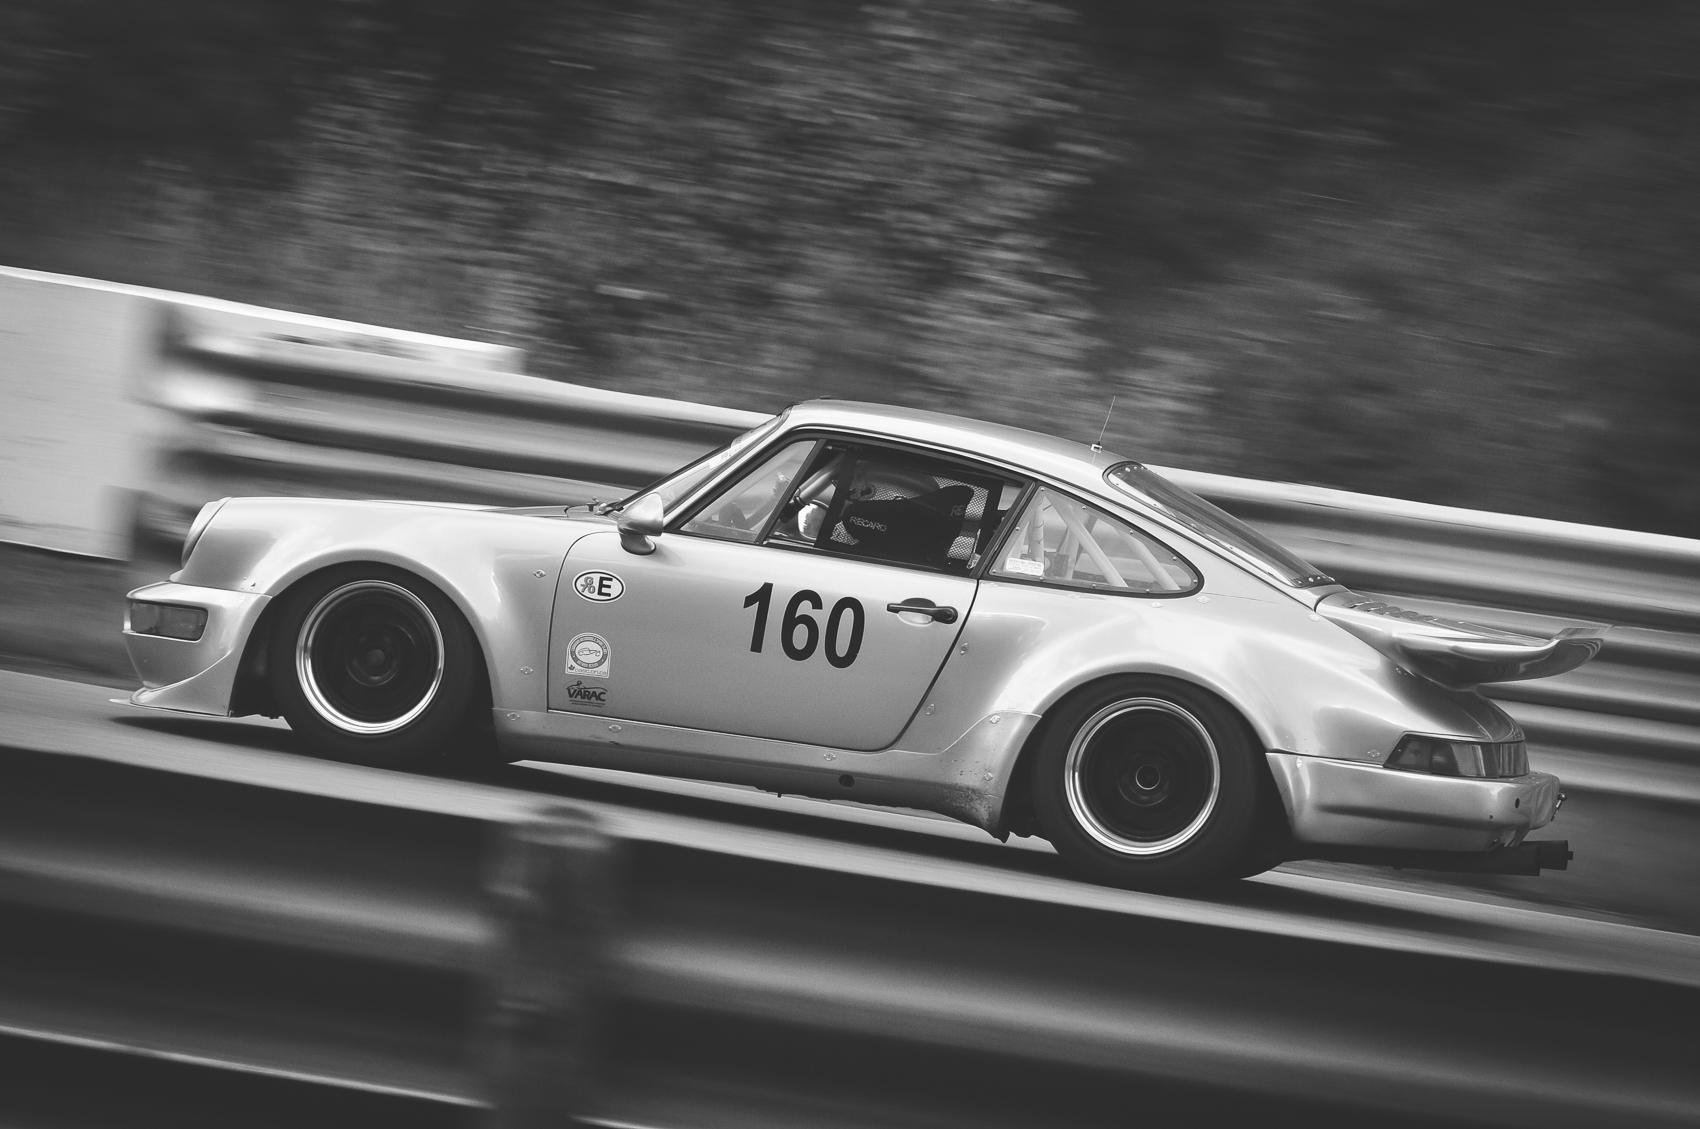 DSC_5778-Porsche 964.jpg